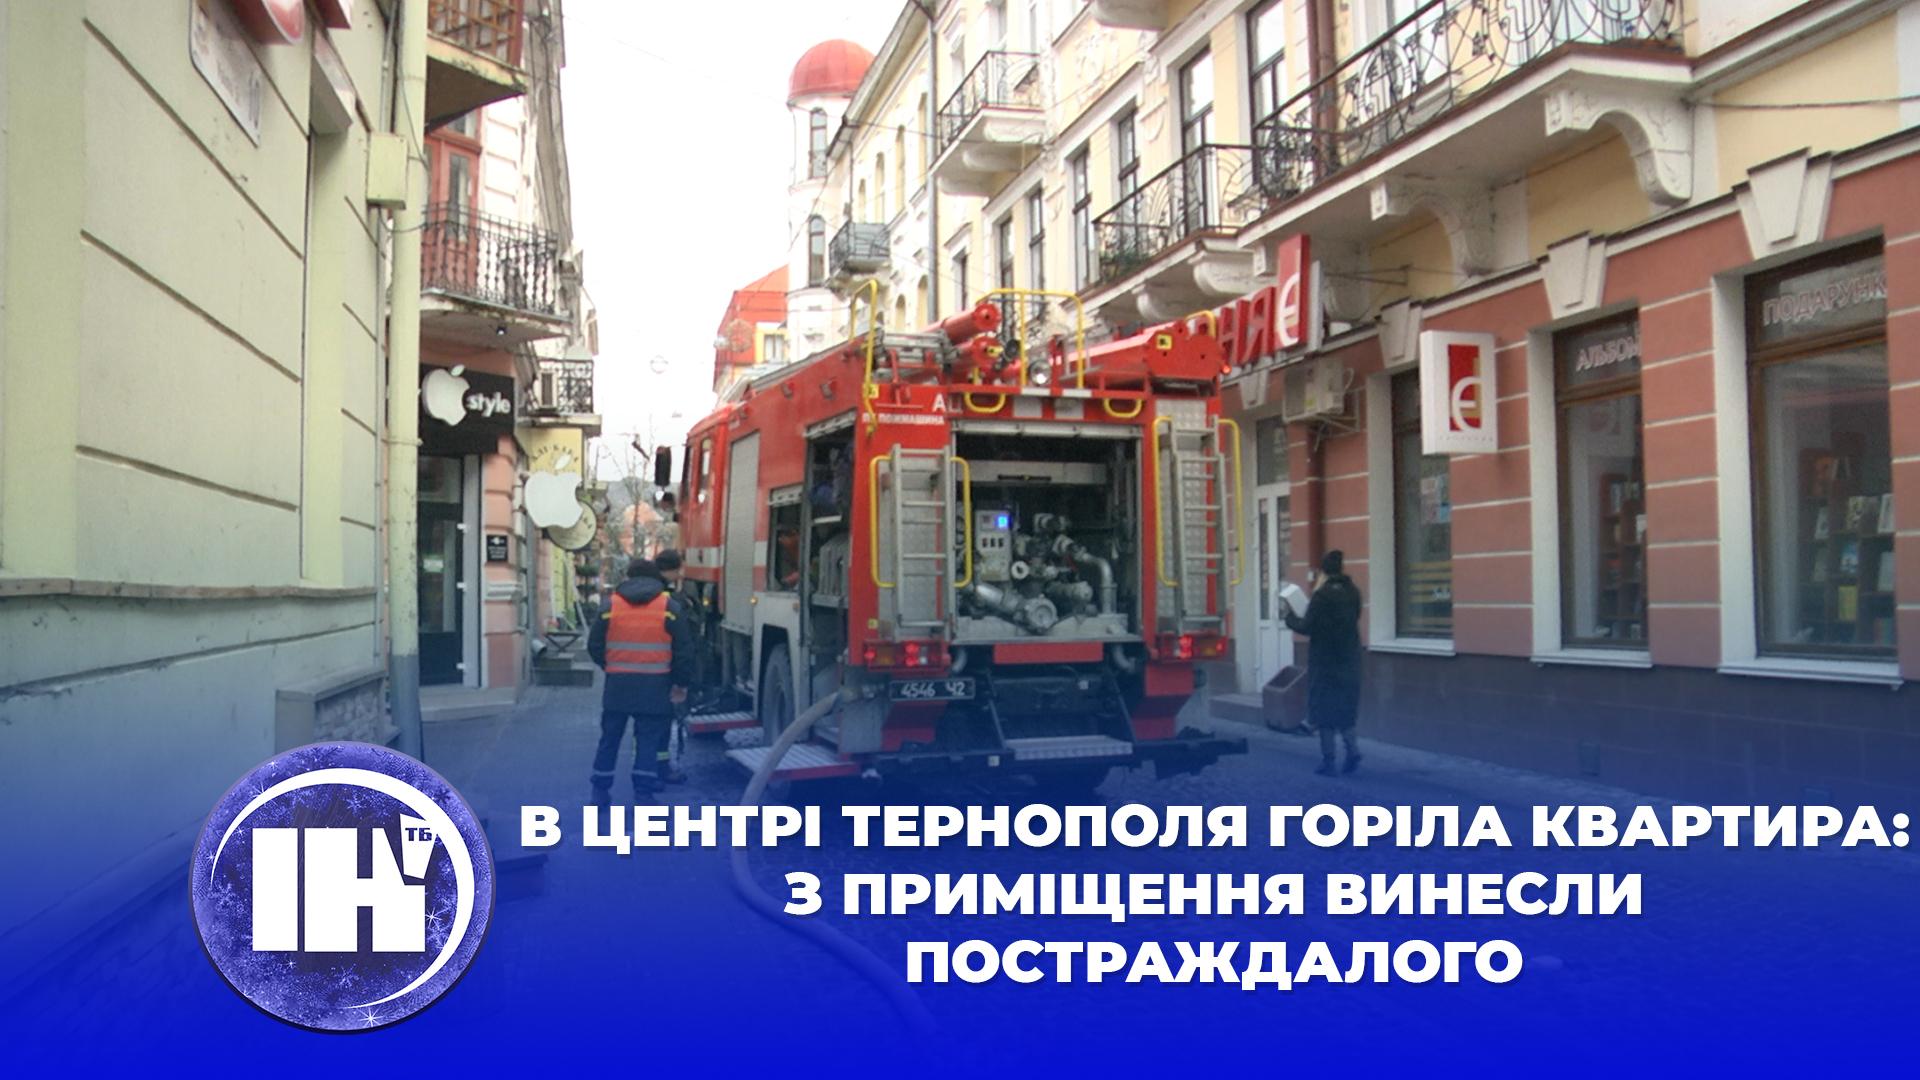 В центрі Тернополя горіла квартира: з приміщення винесли постраждалого